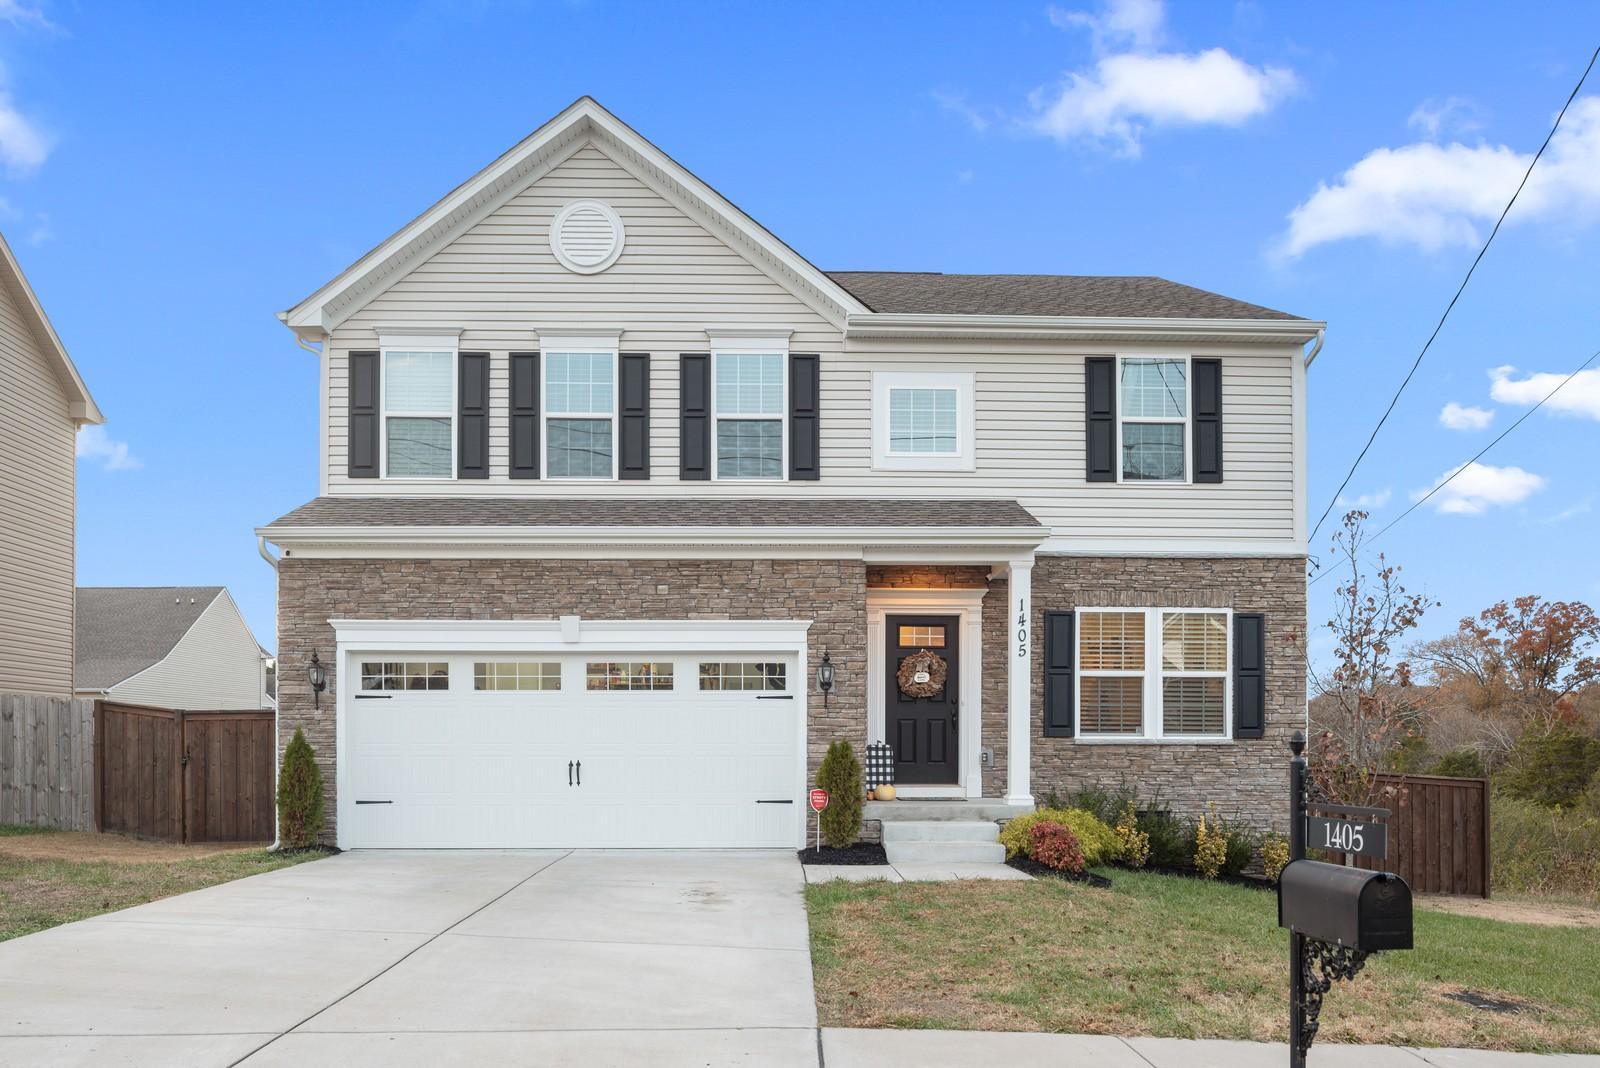 1405 Ohara Dr, Antioch, TN 37013 - Antioch, TN real estate listing